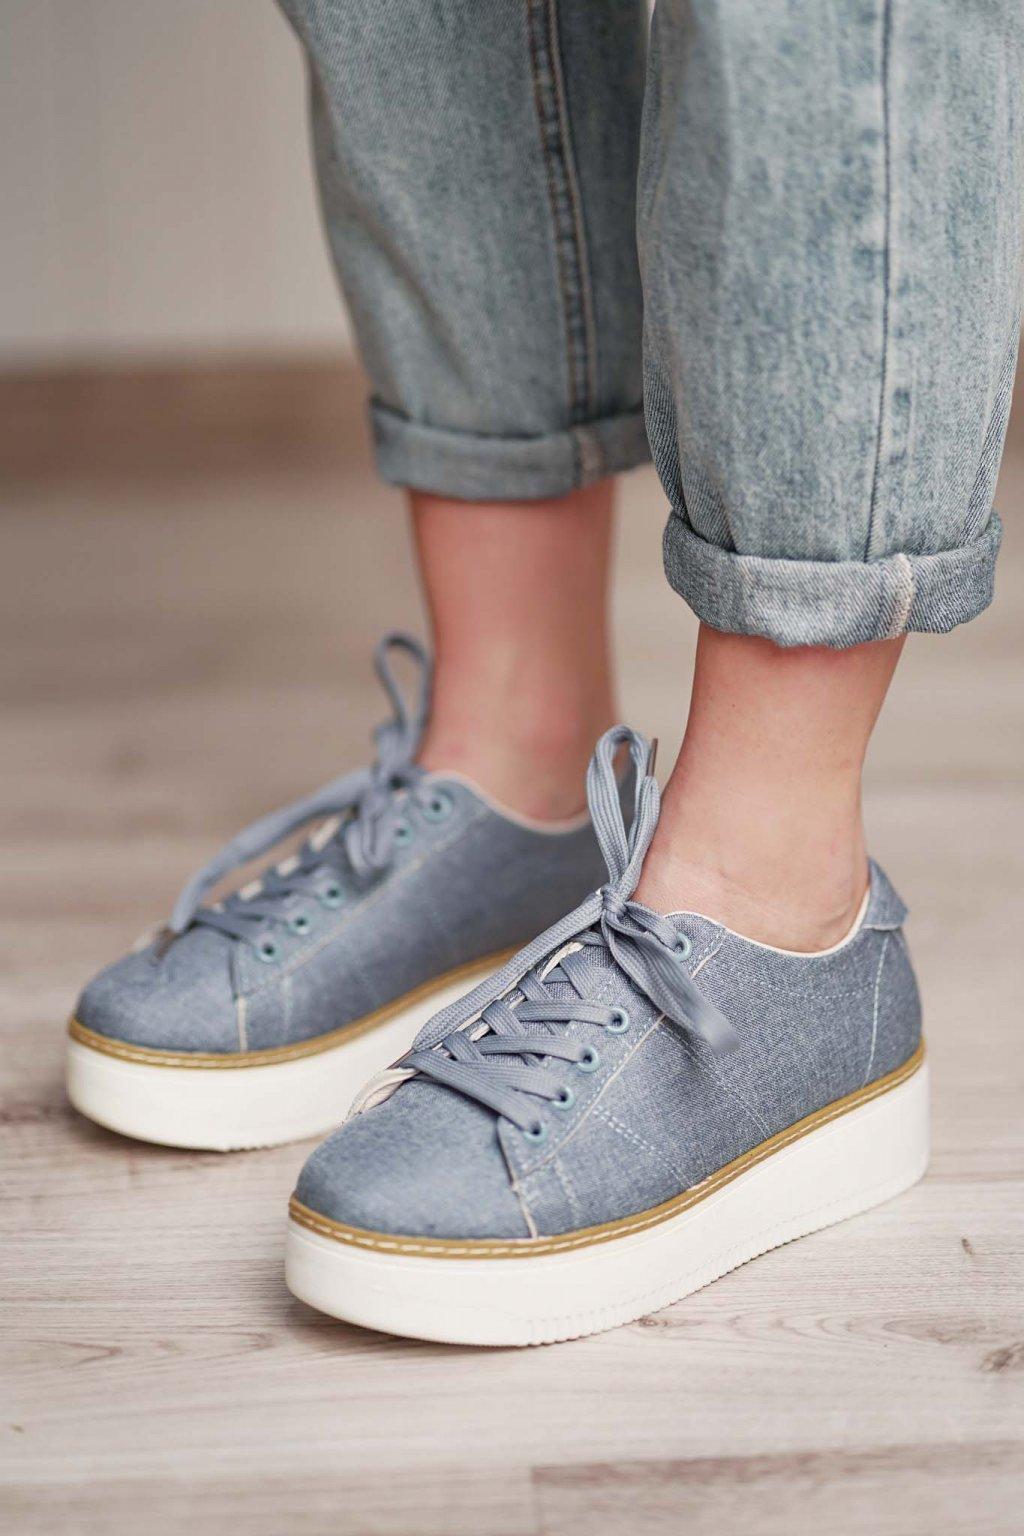 topánky, obuv, tenisky, botasky, lodičky, čižmy, šľapky, sandálky 467